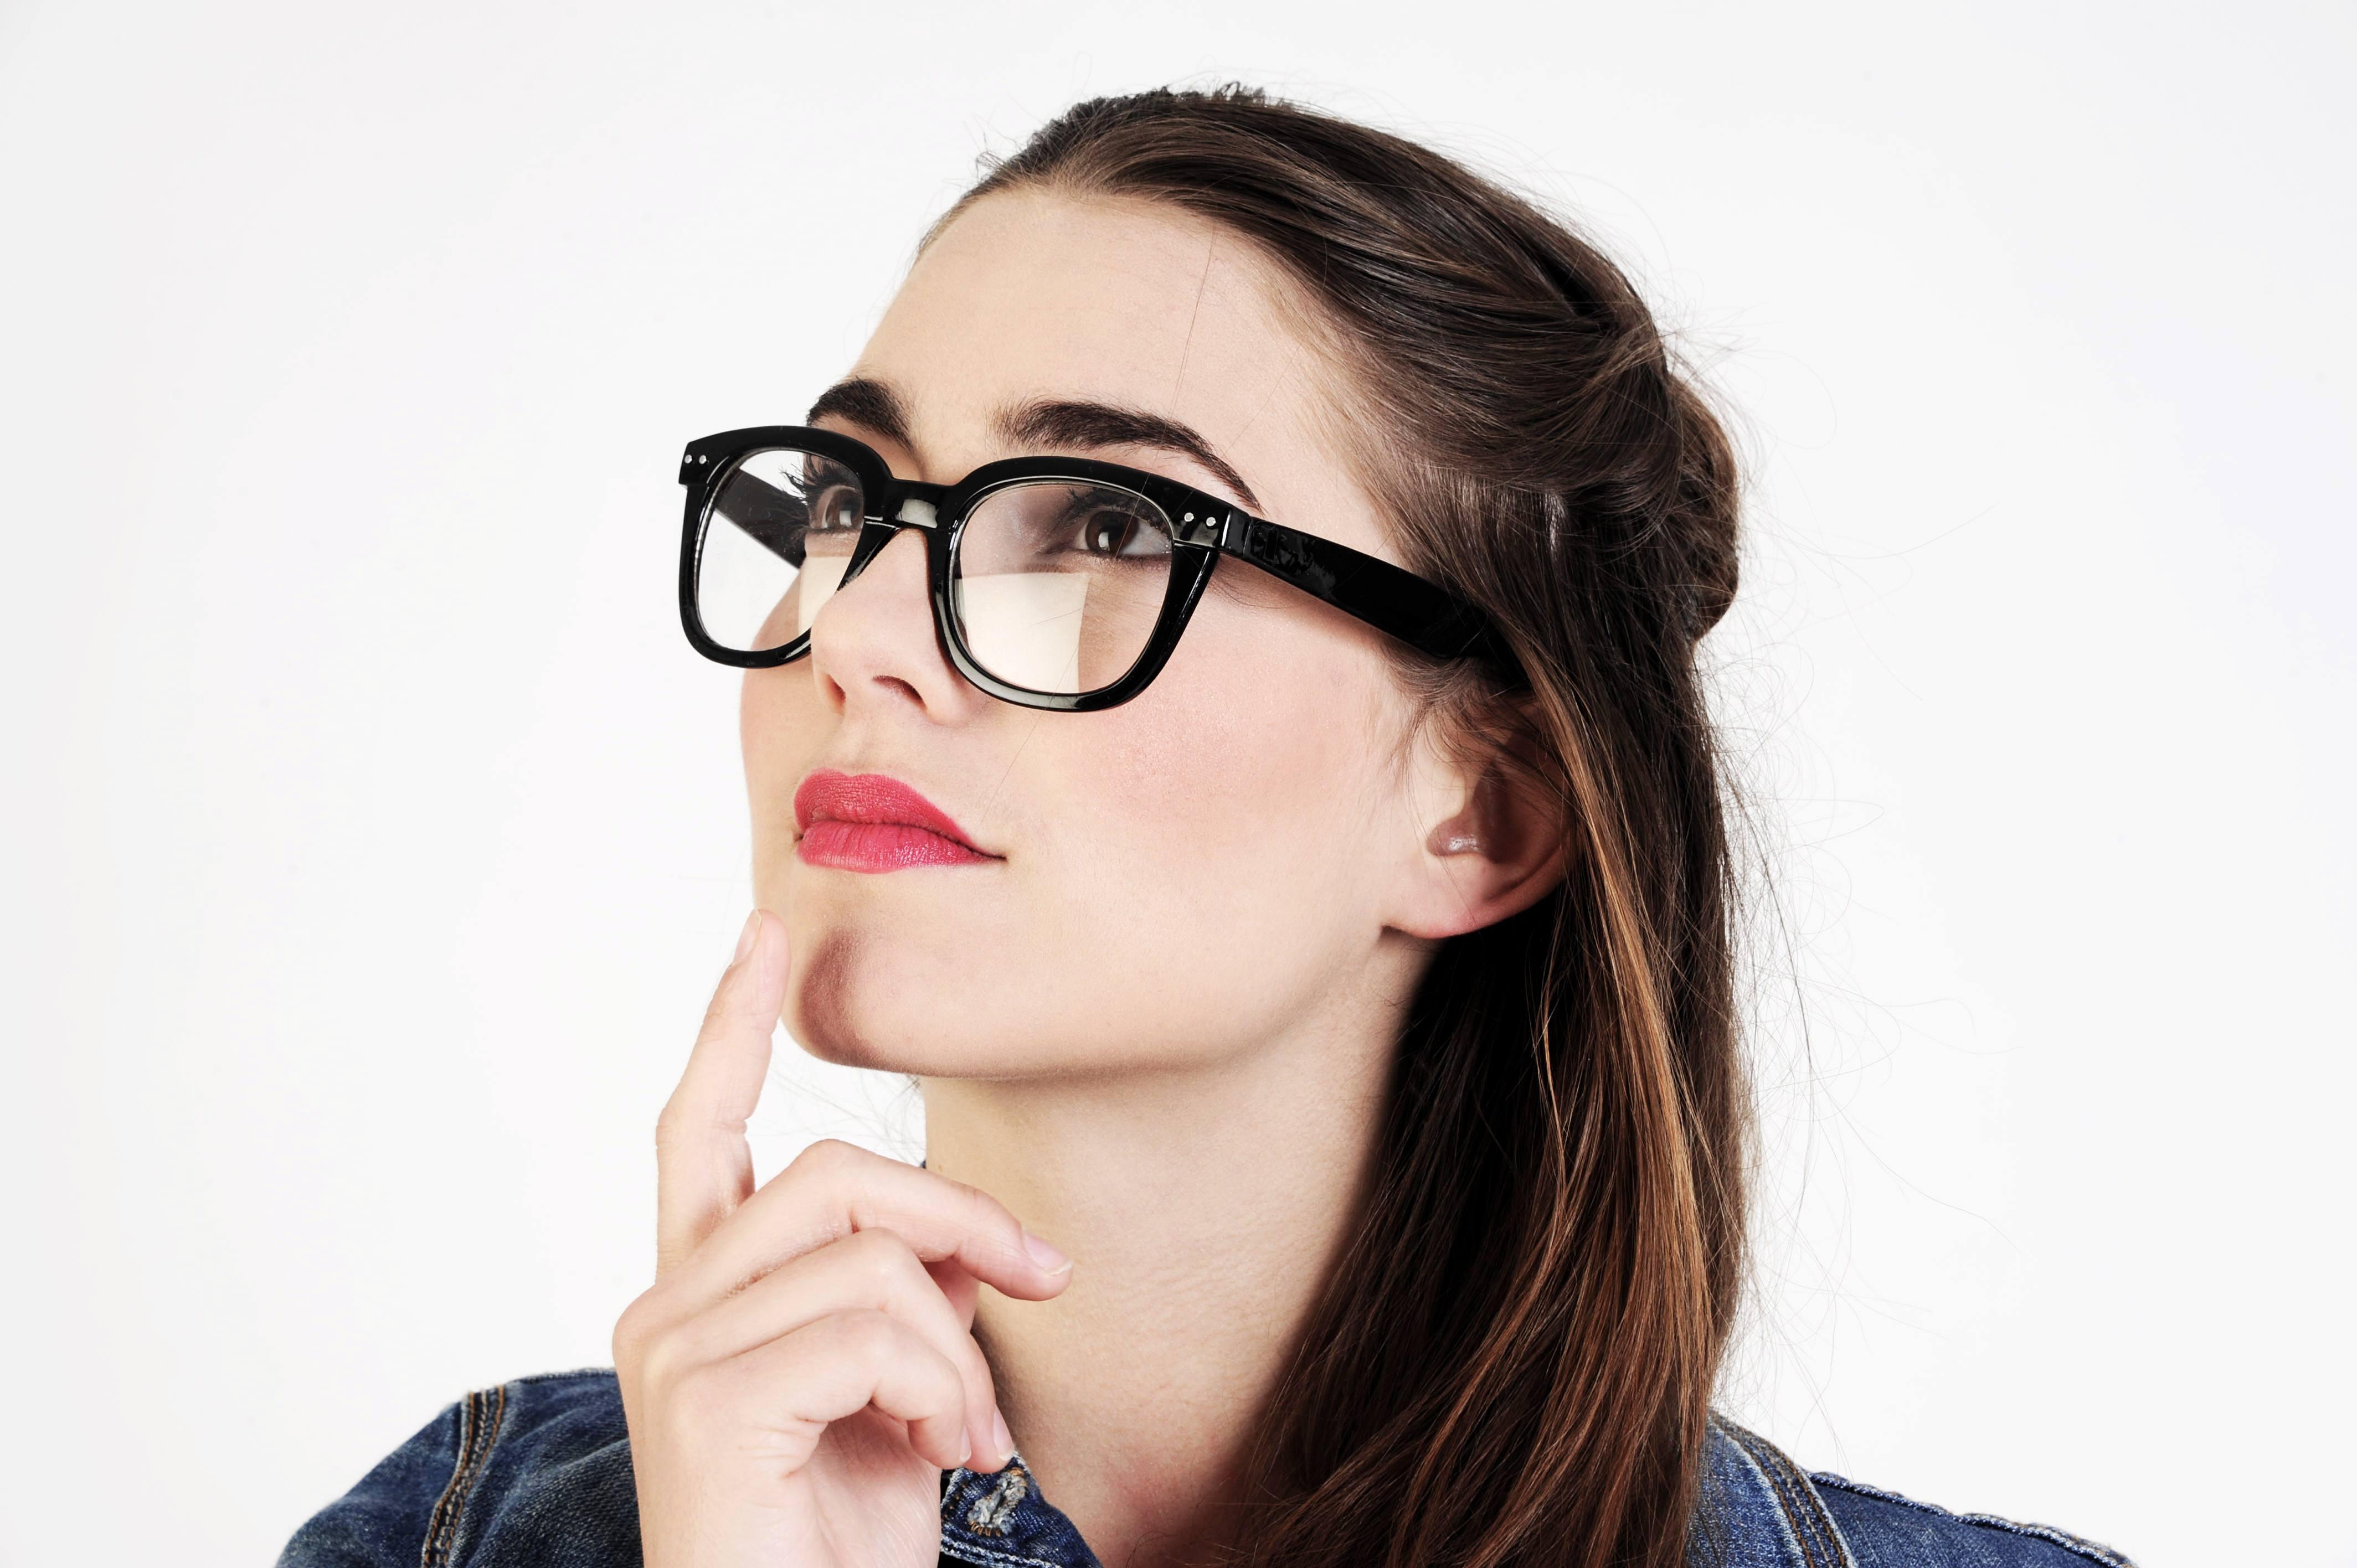 Τα γυαλιά είναι μοδάτα. Γιατί όχι και τα ακουστικά βαρηκοΐας;